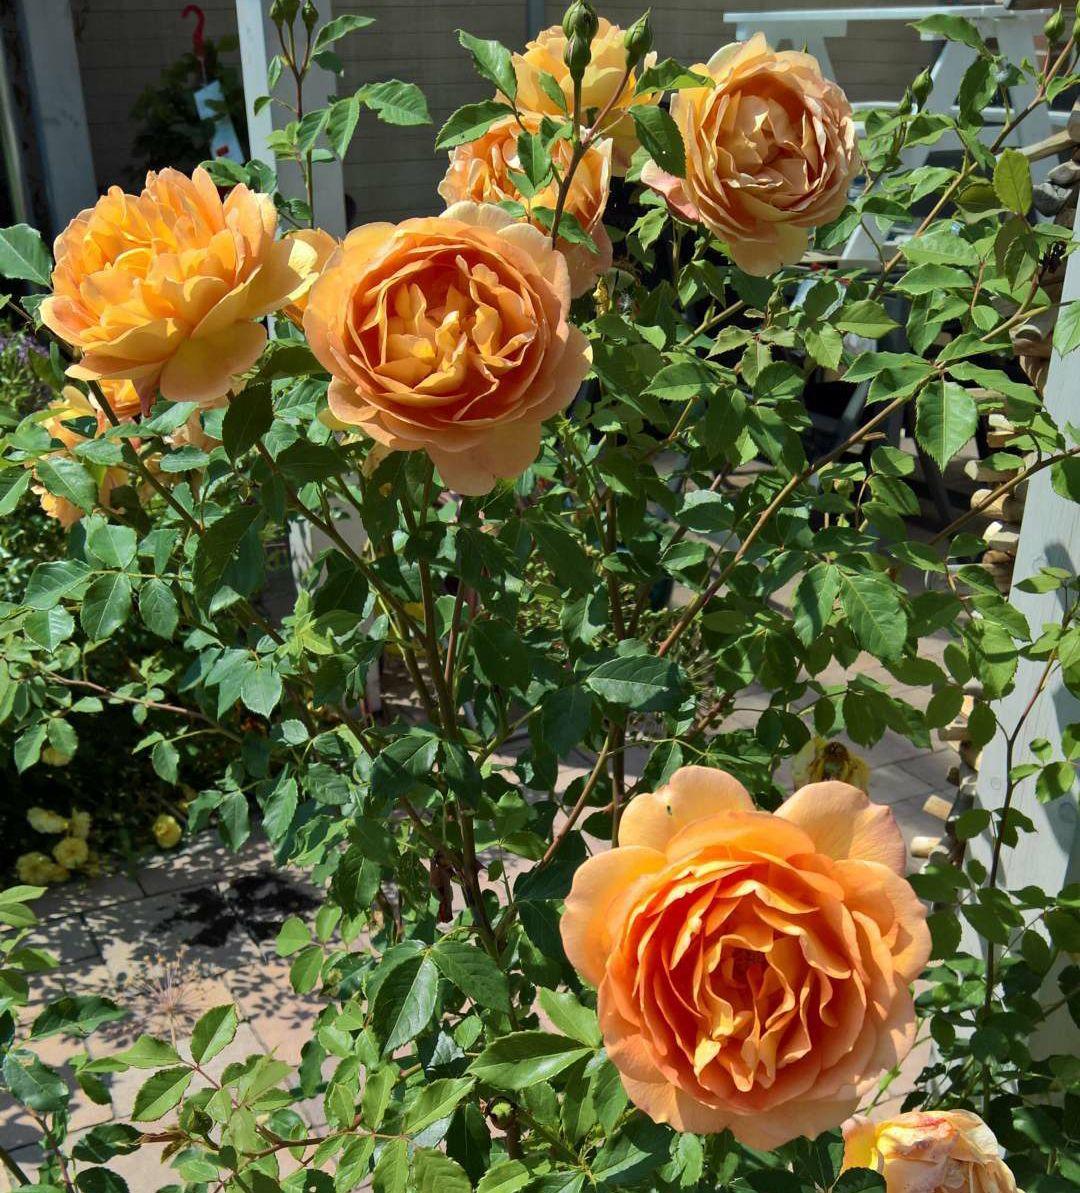 Rosa lady of sharlett